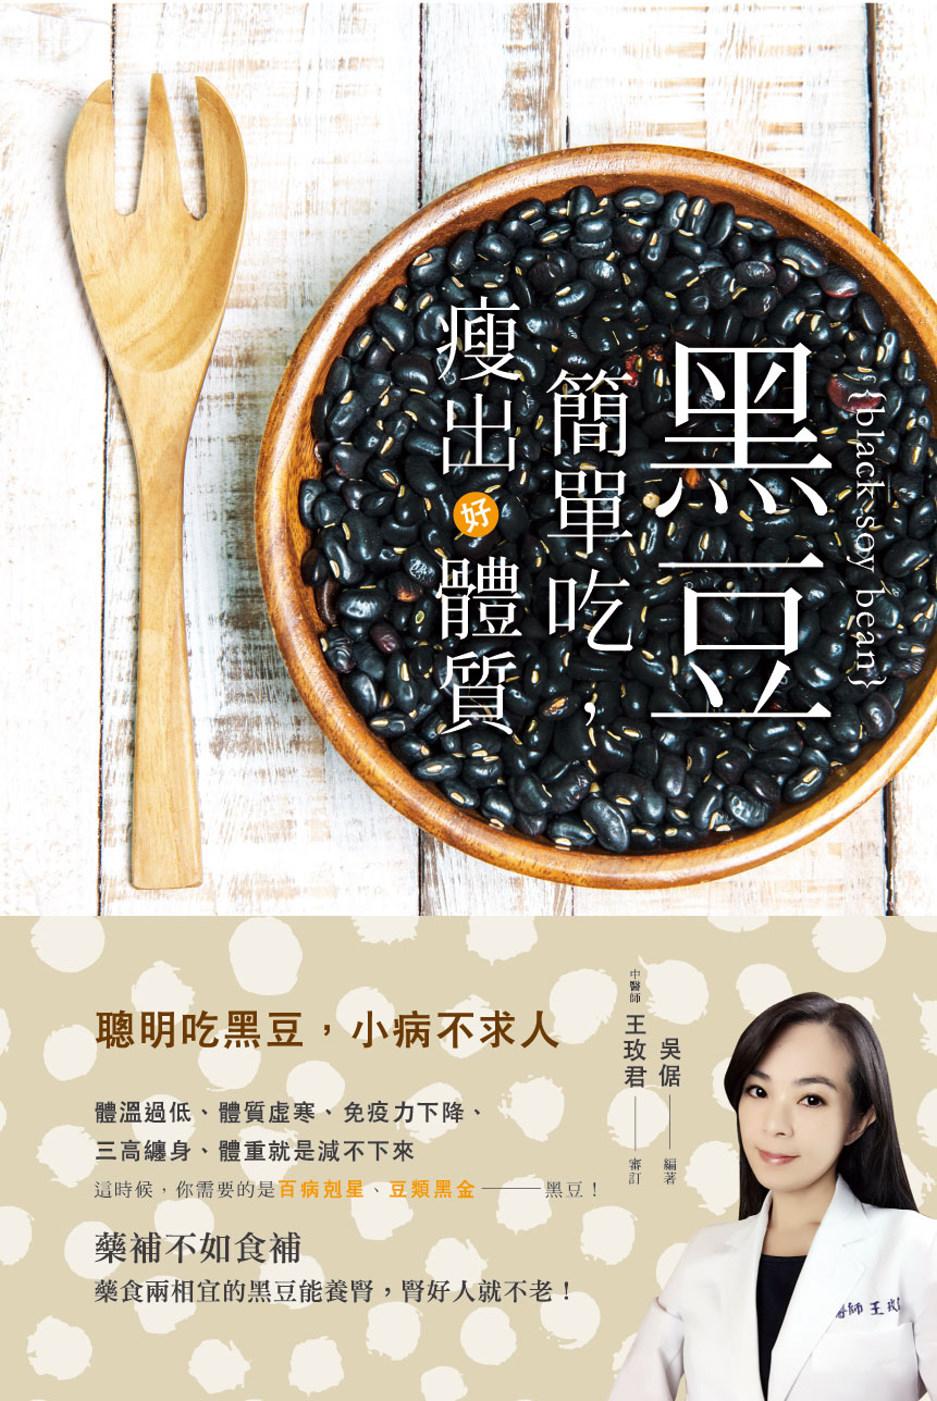 黑豆簡單吃,瘦出好體質